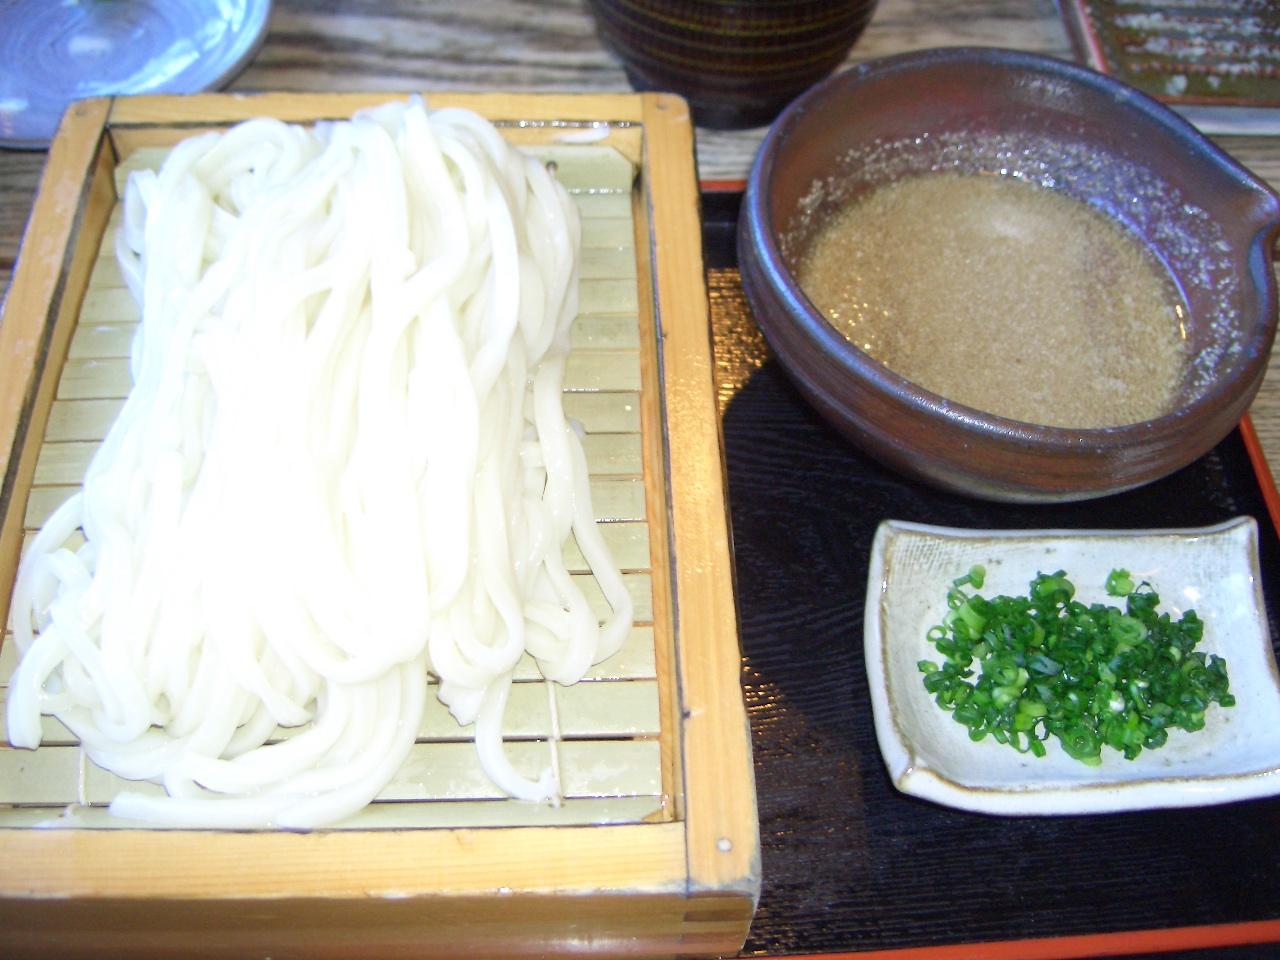 2008.12.8すじかま&ガーデンテラス 005.jpg